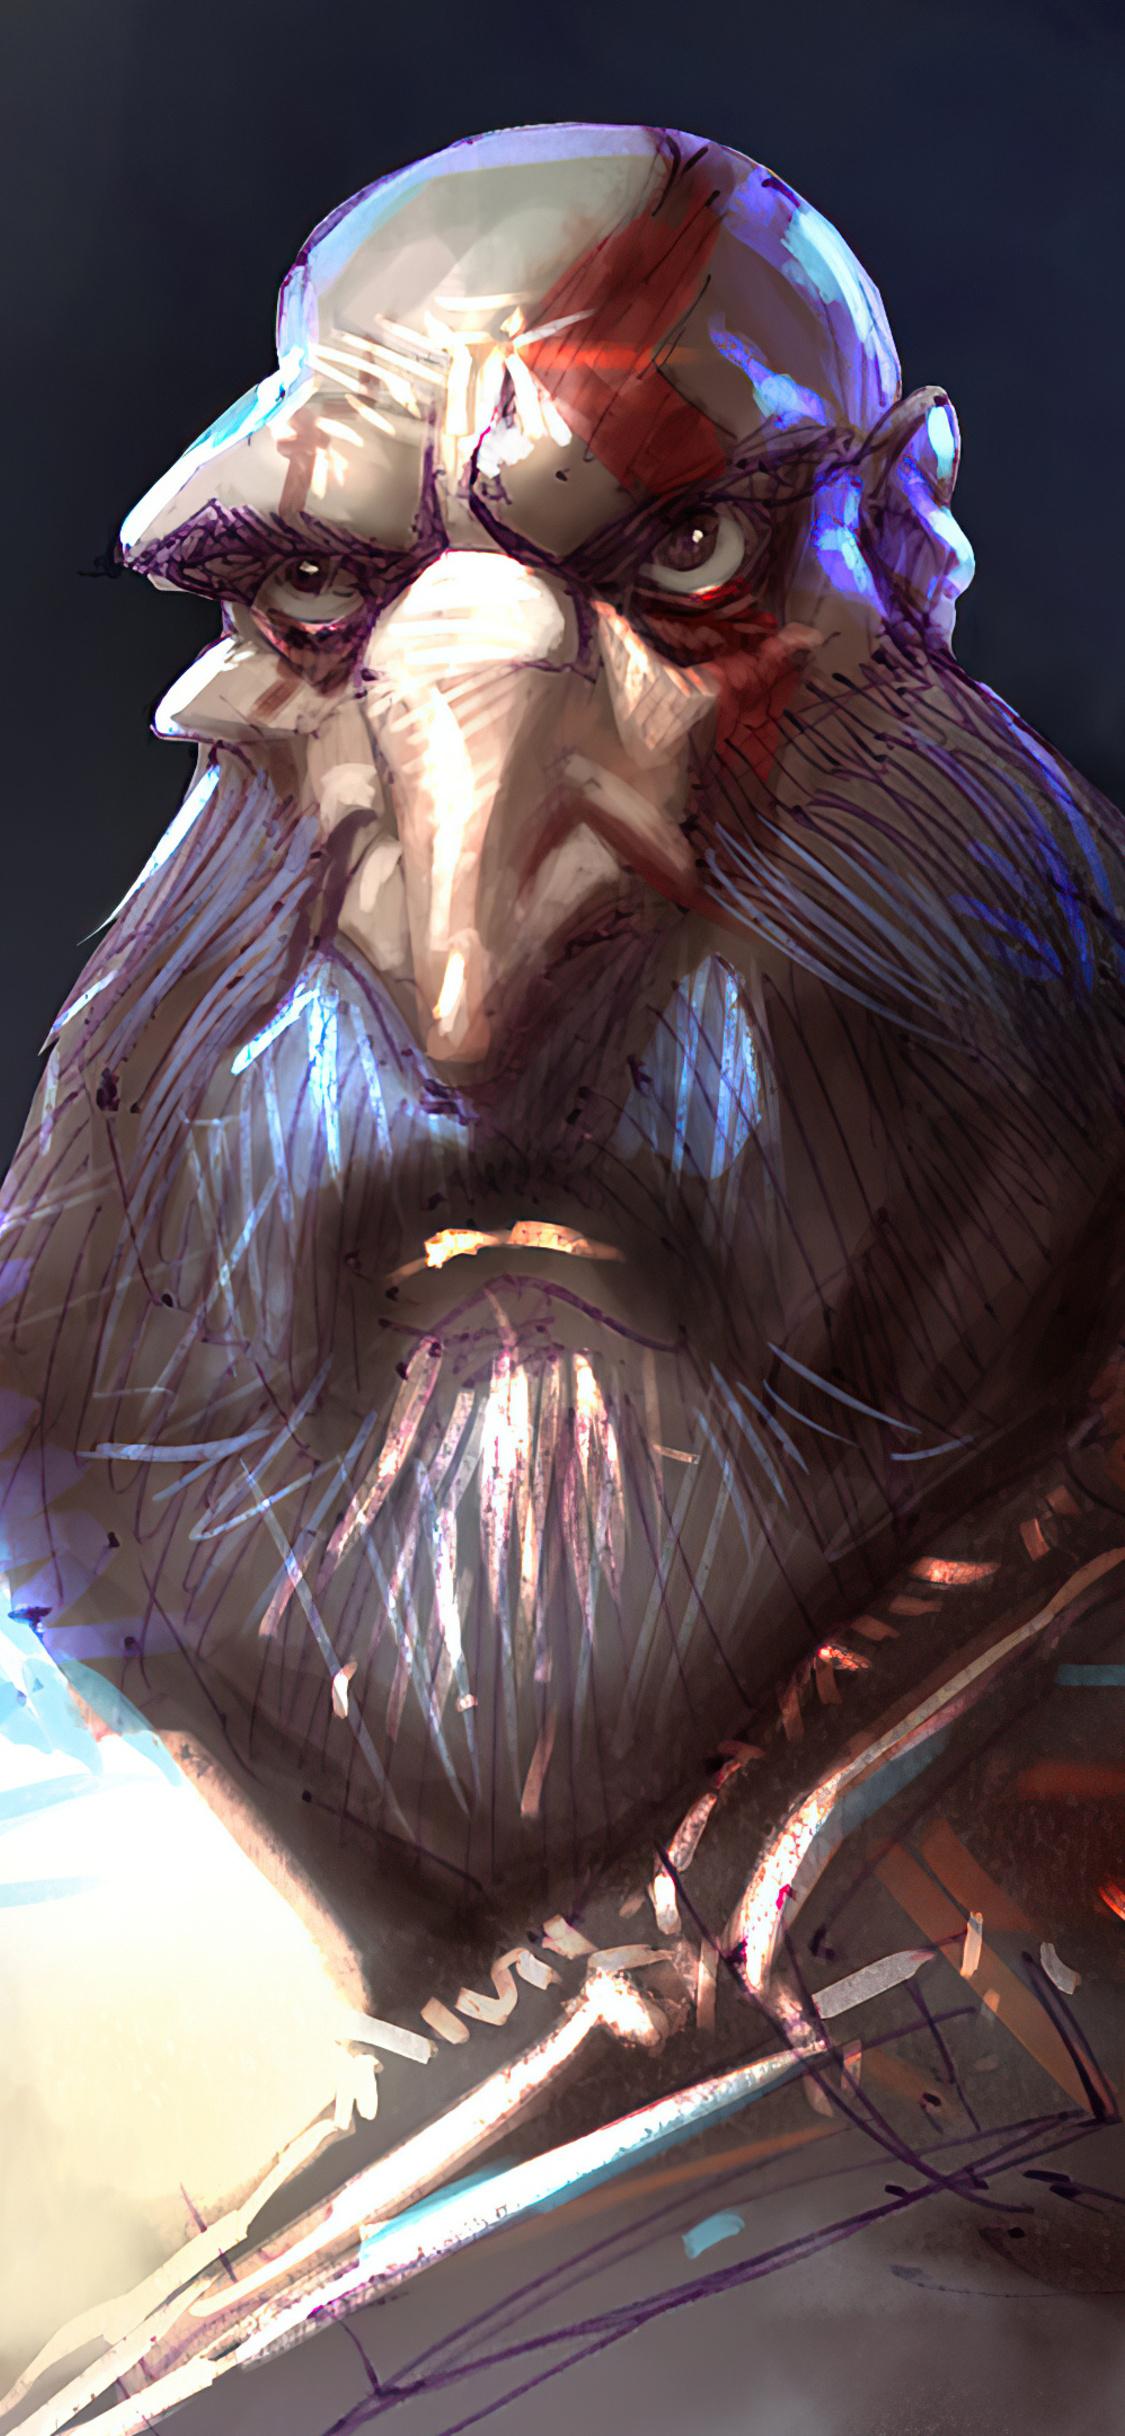 kratos-2020-4k-py.jpg